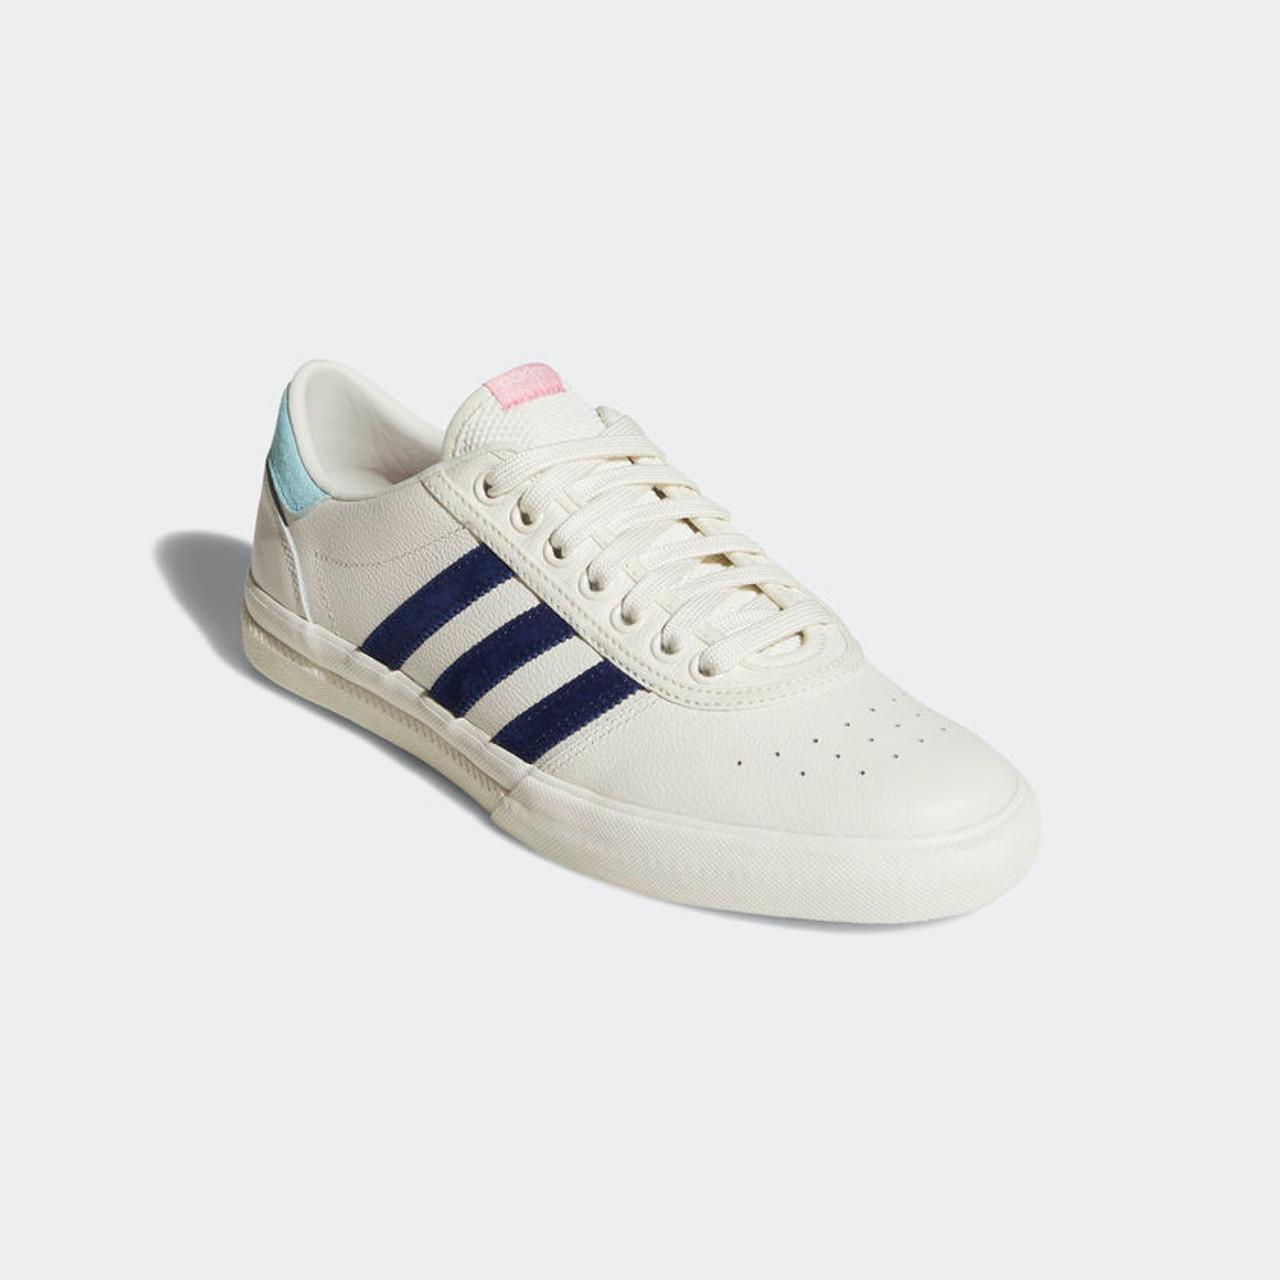 Adidas X Helas Lucas Premier Shoes Off